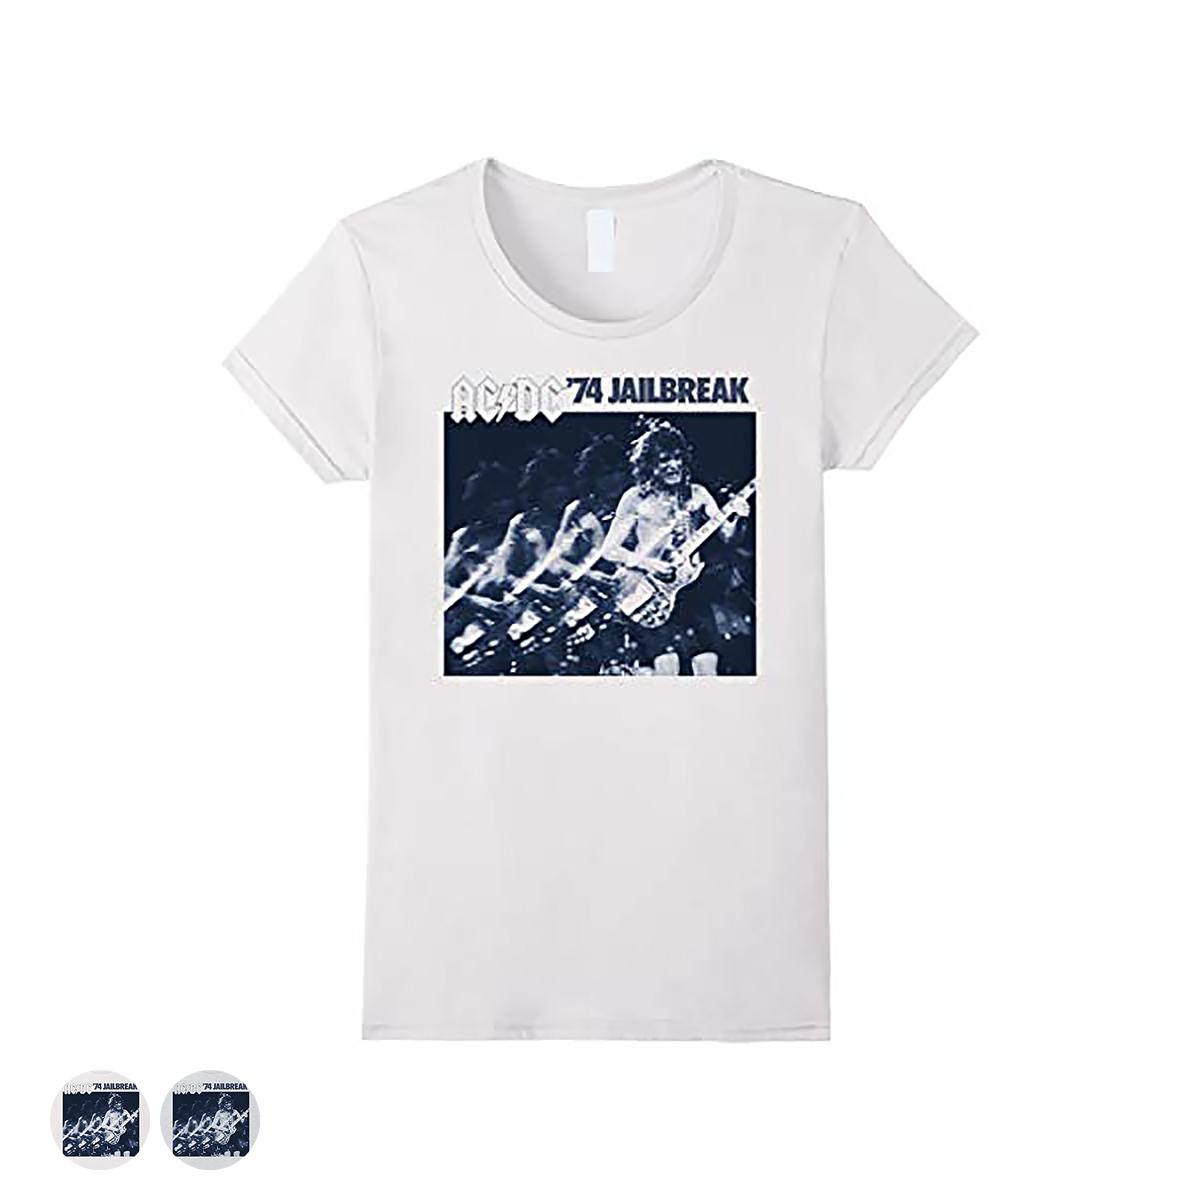 Women's Angus Rocking T-shirt